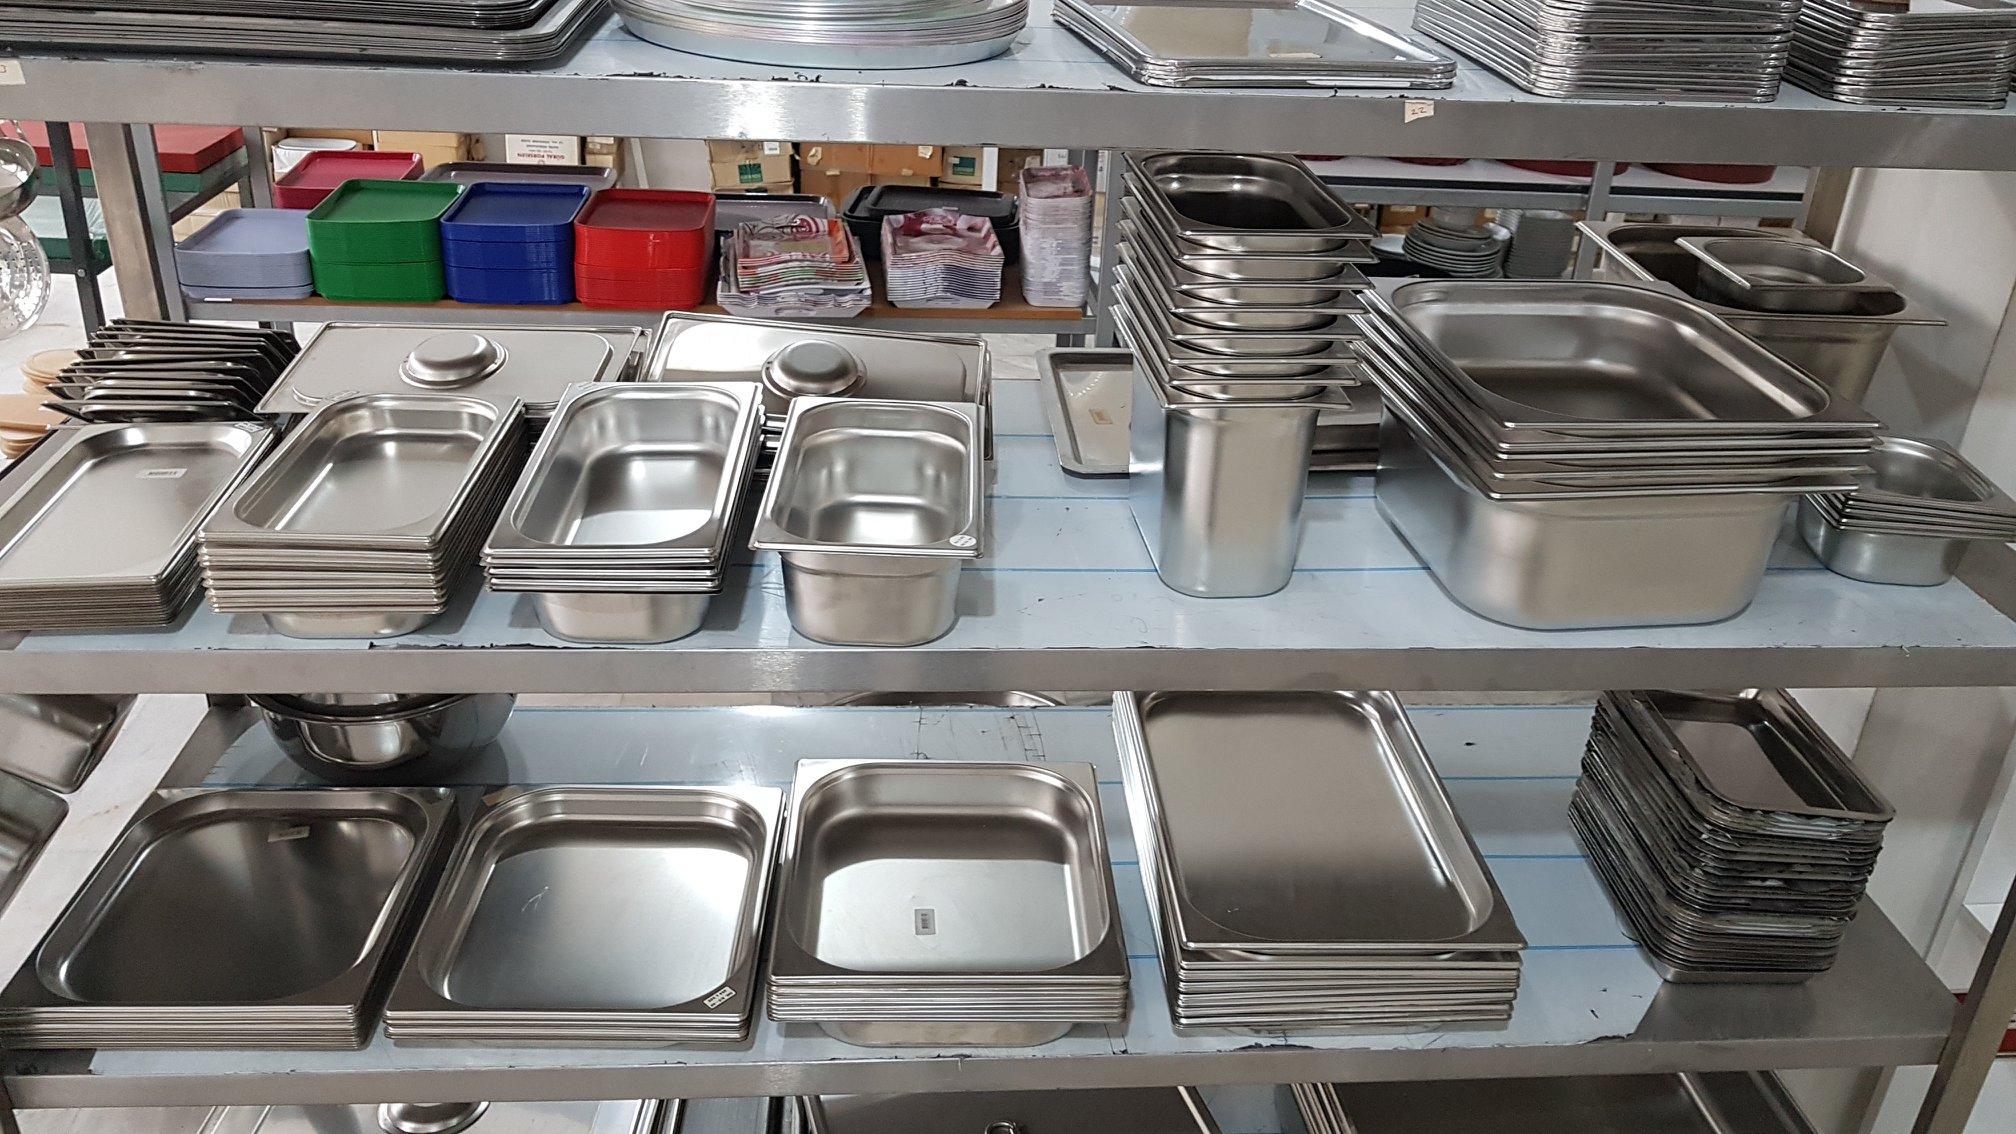 acero endüstriyel mutfak ekipmanları